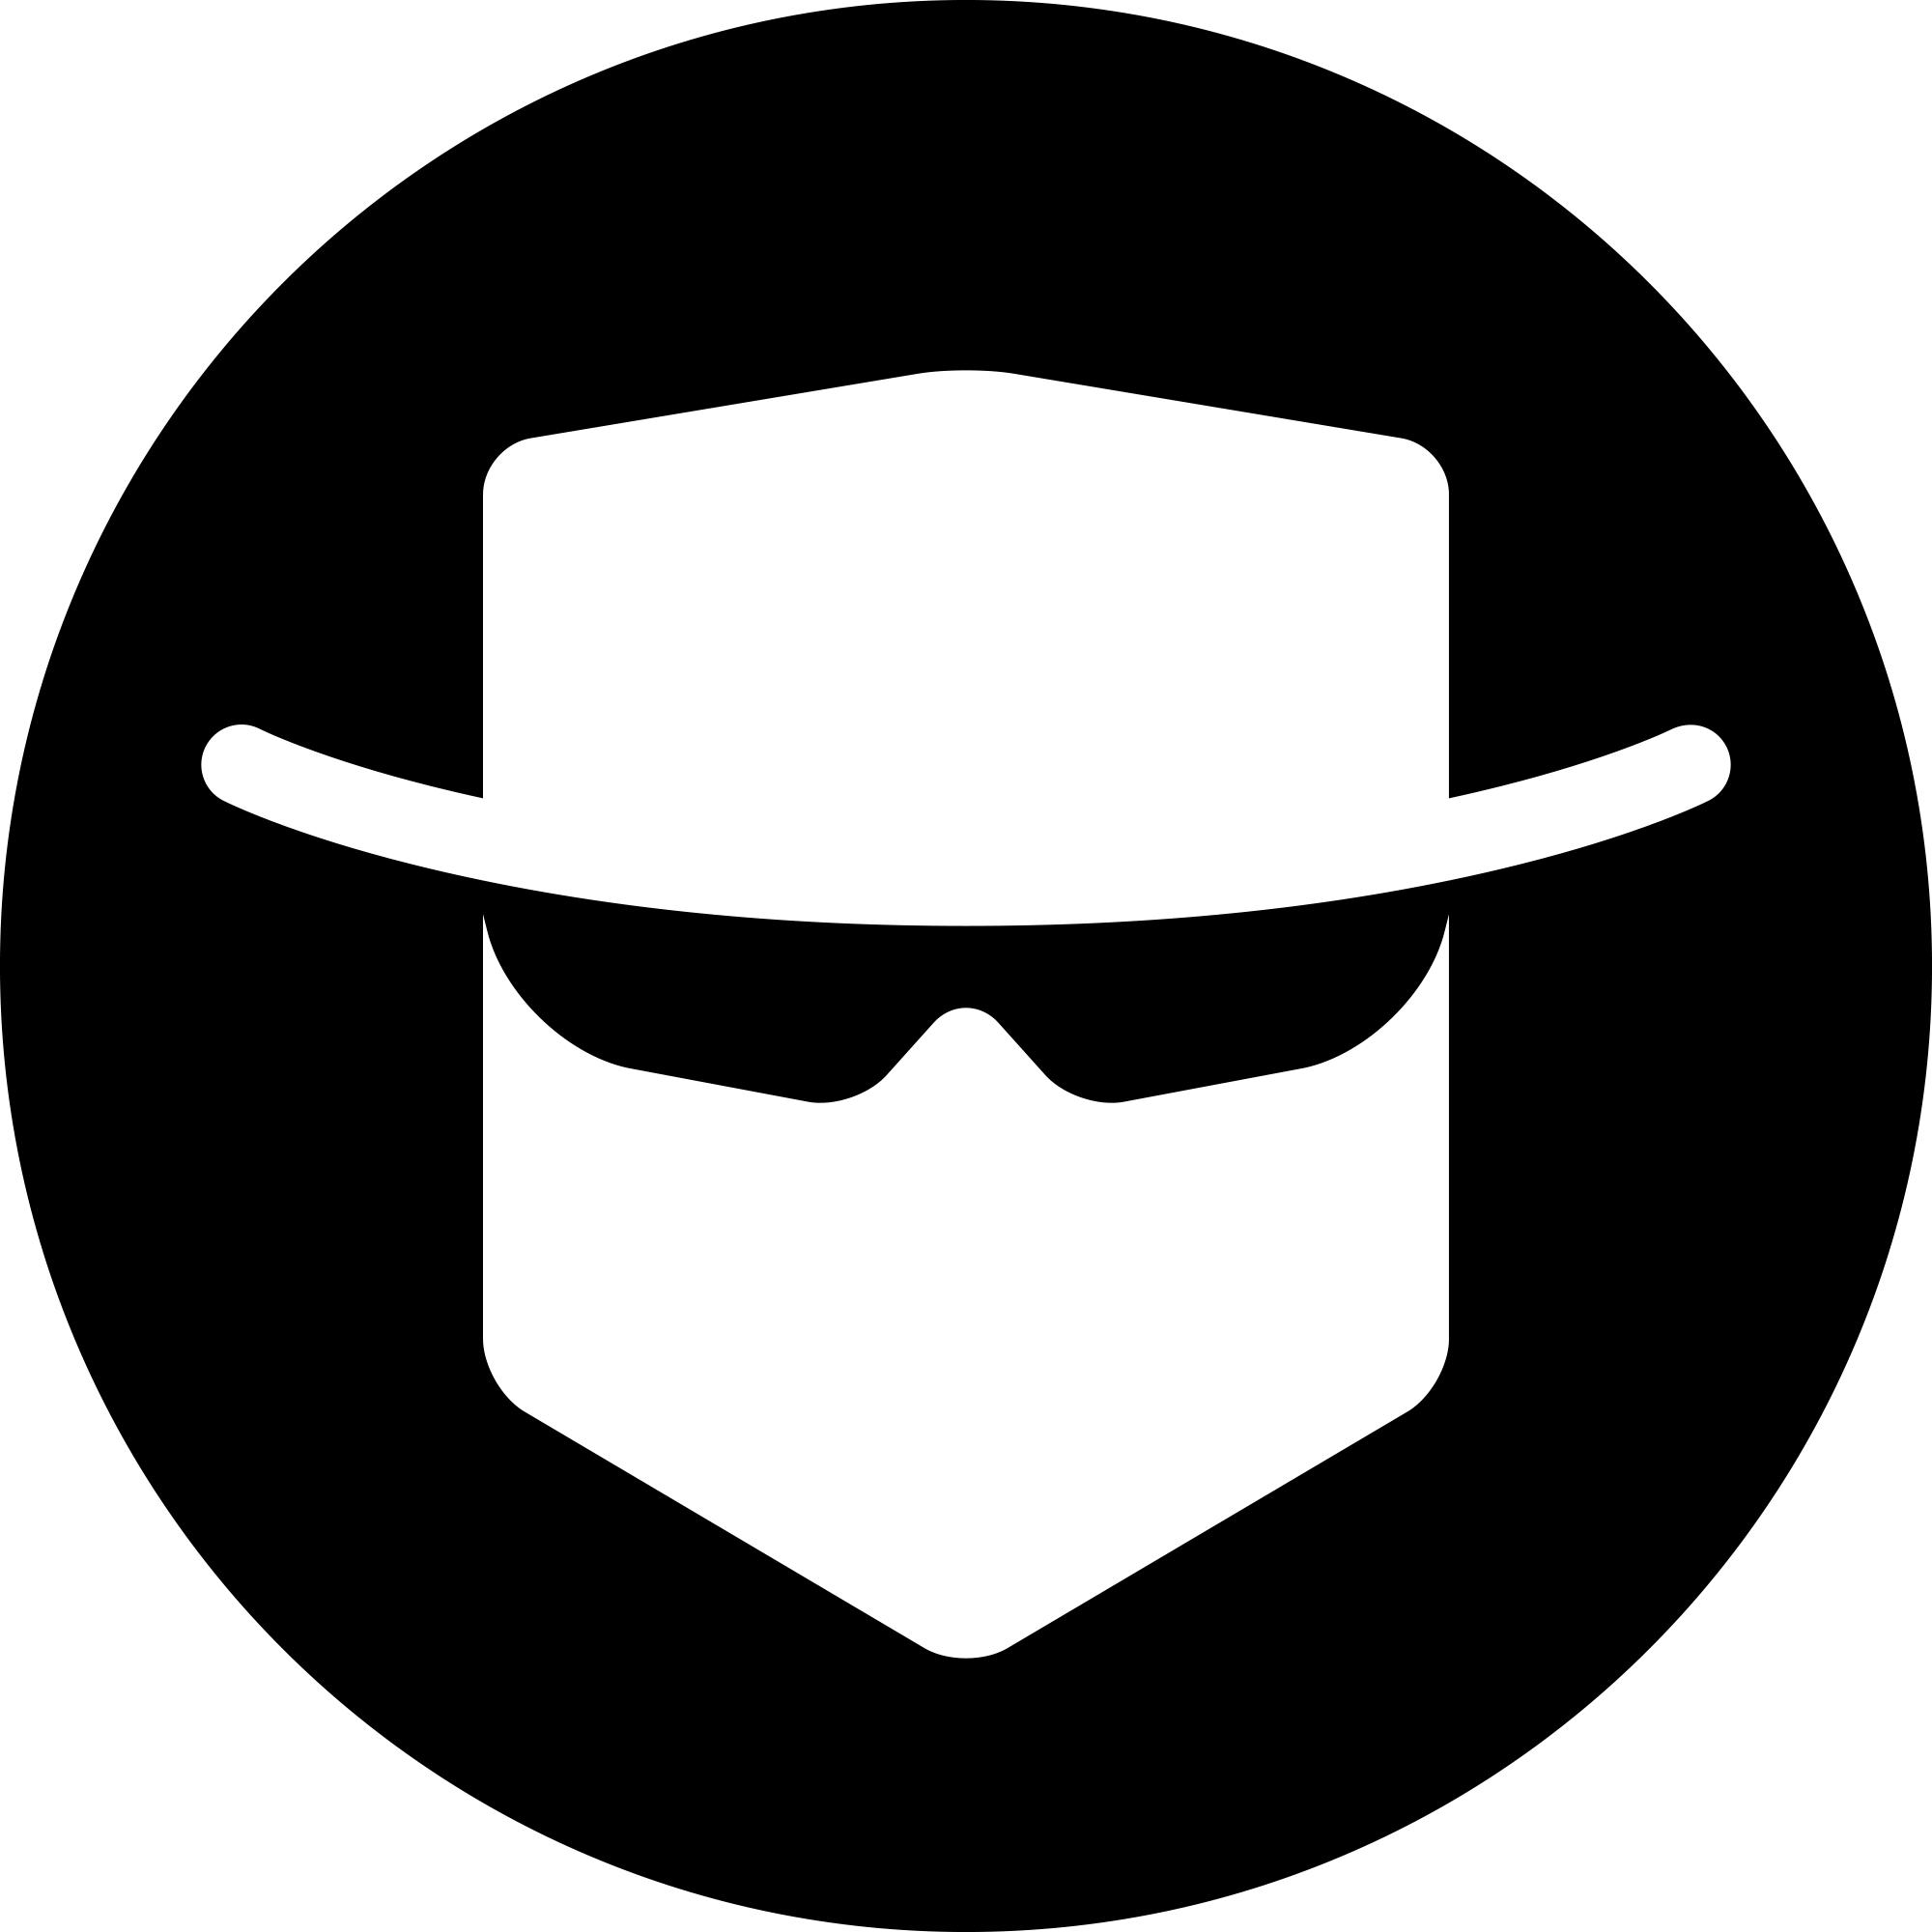 NOSEC Chrome agent - LOGO